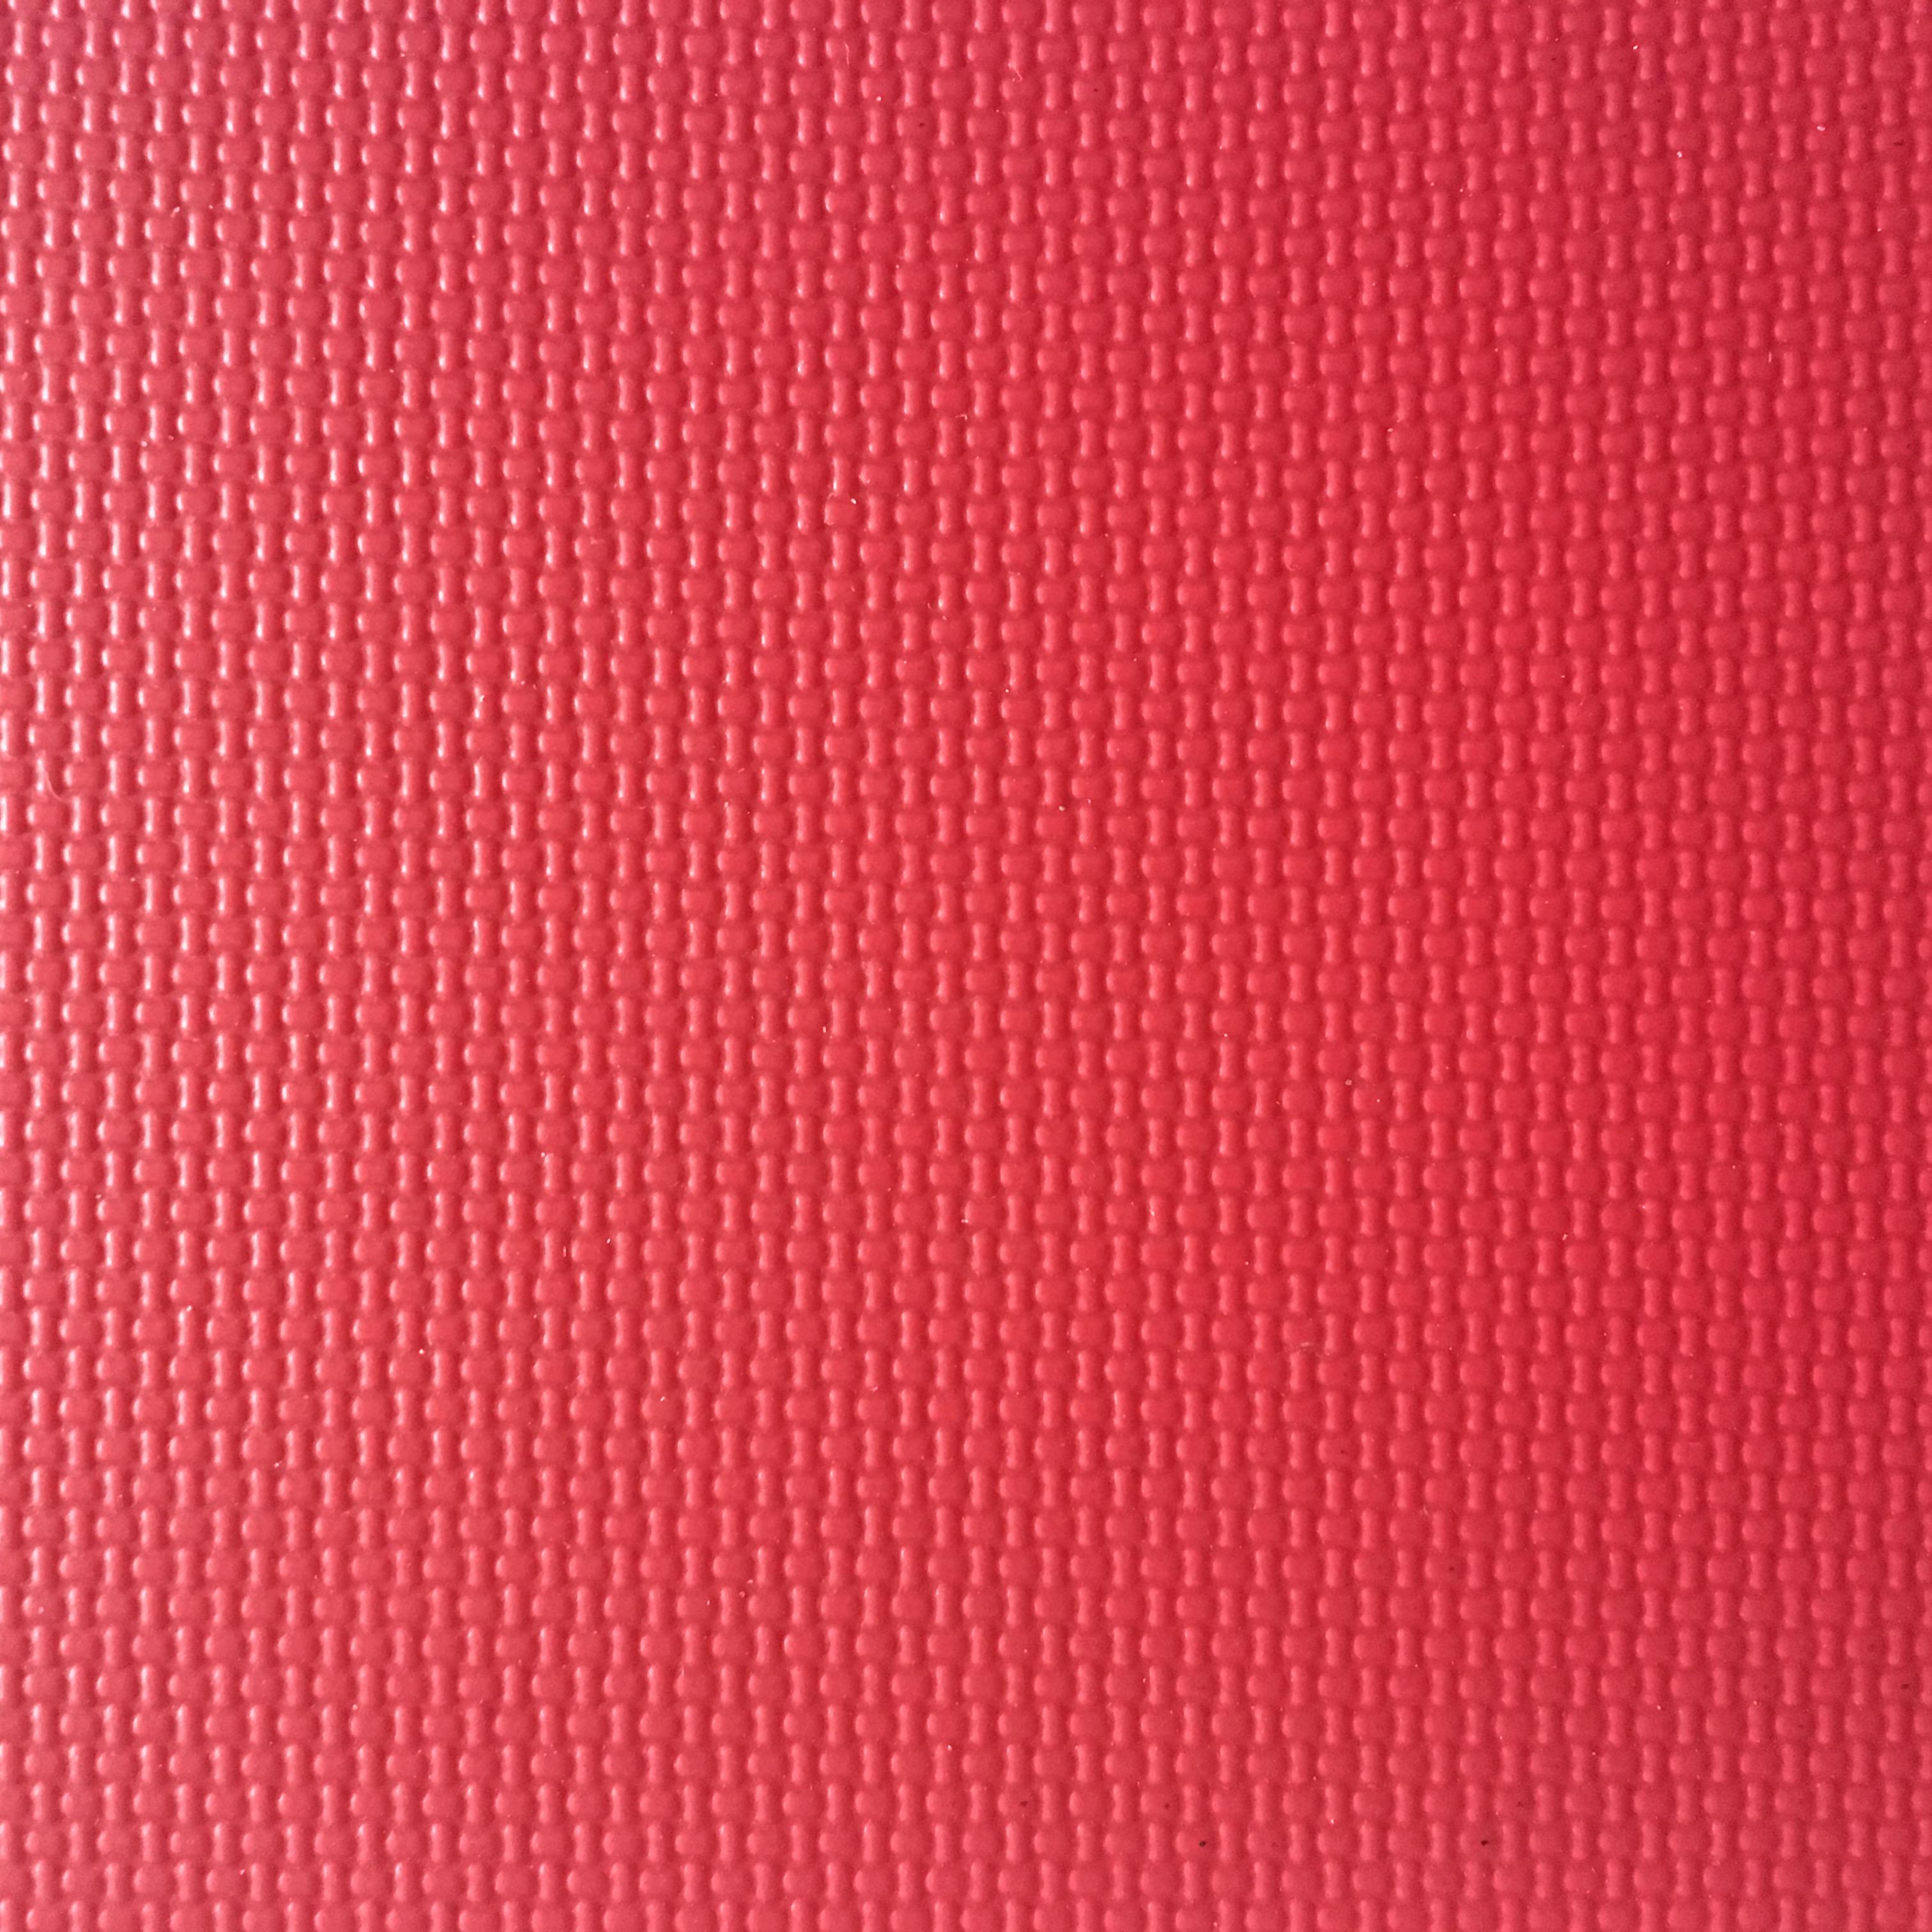 布纹4.5mm乒乓球专业地垫健身体操室地胶PVC塑料耐磨防火地板红色/蓝色